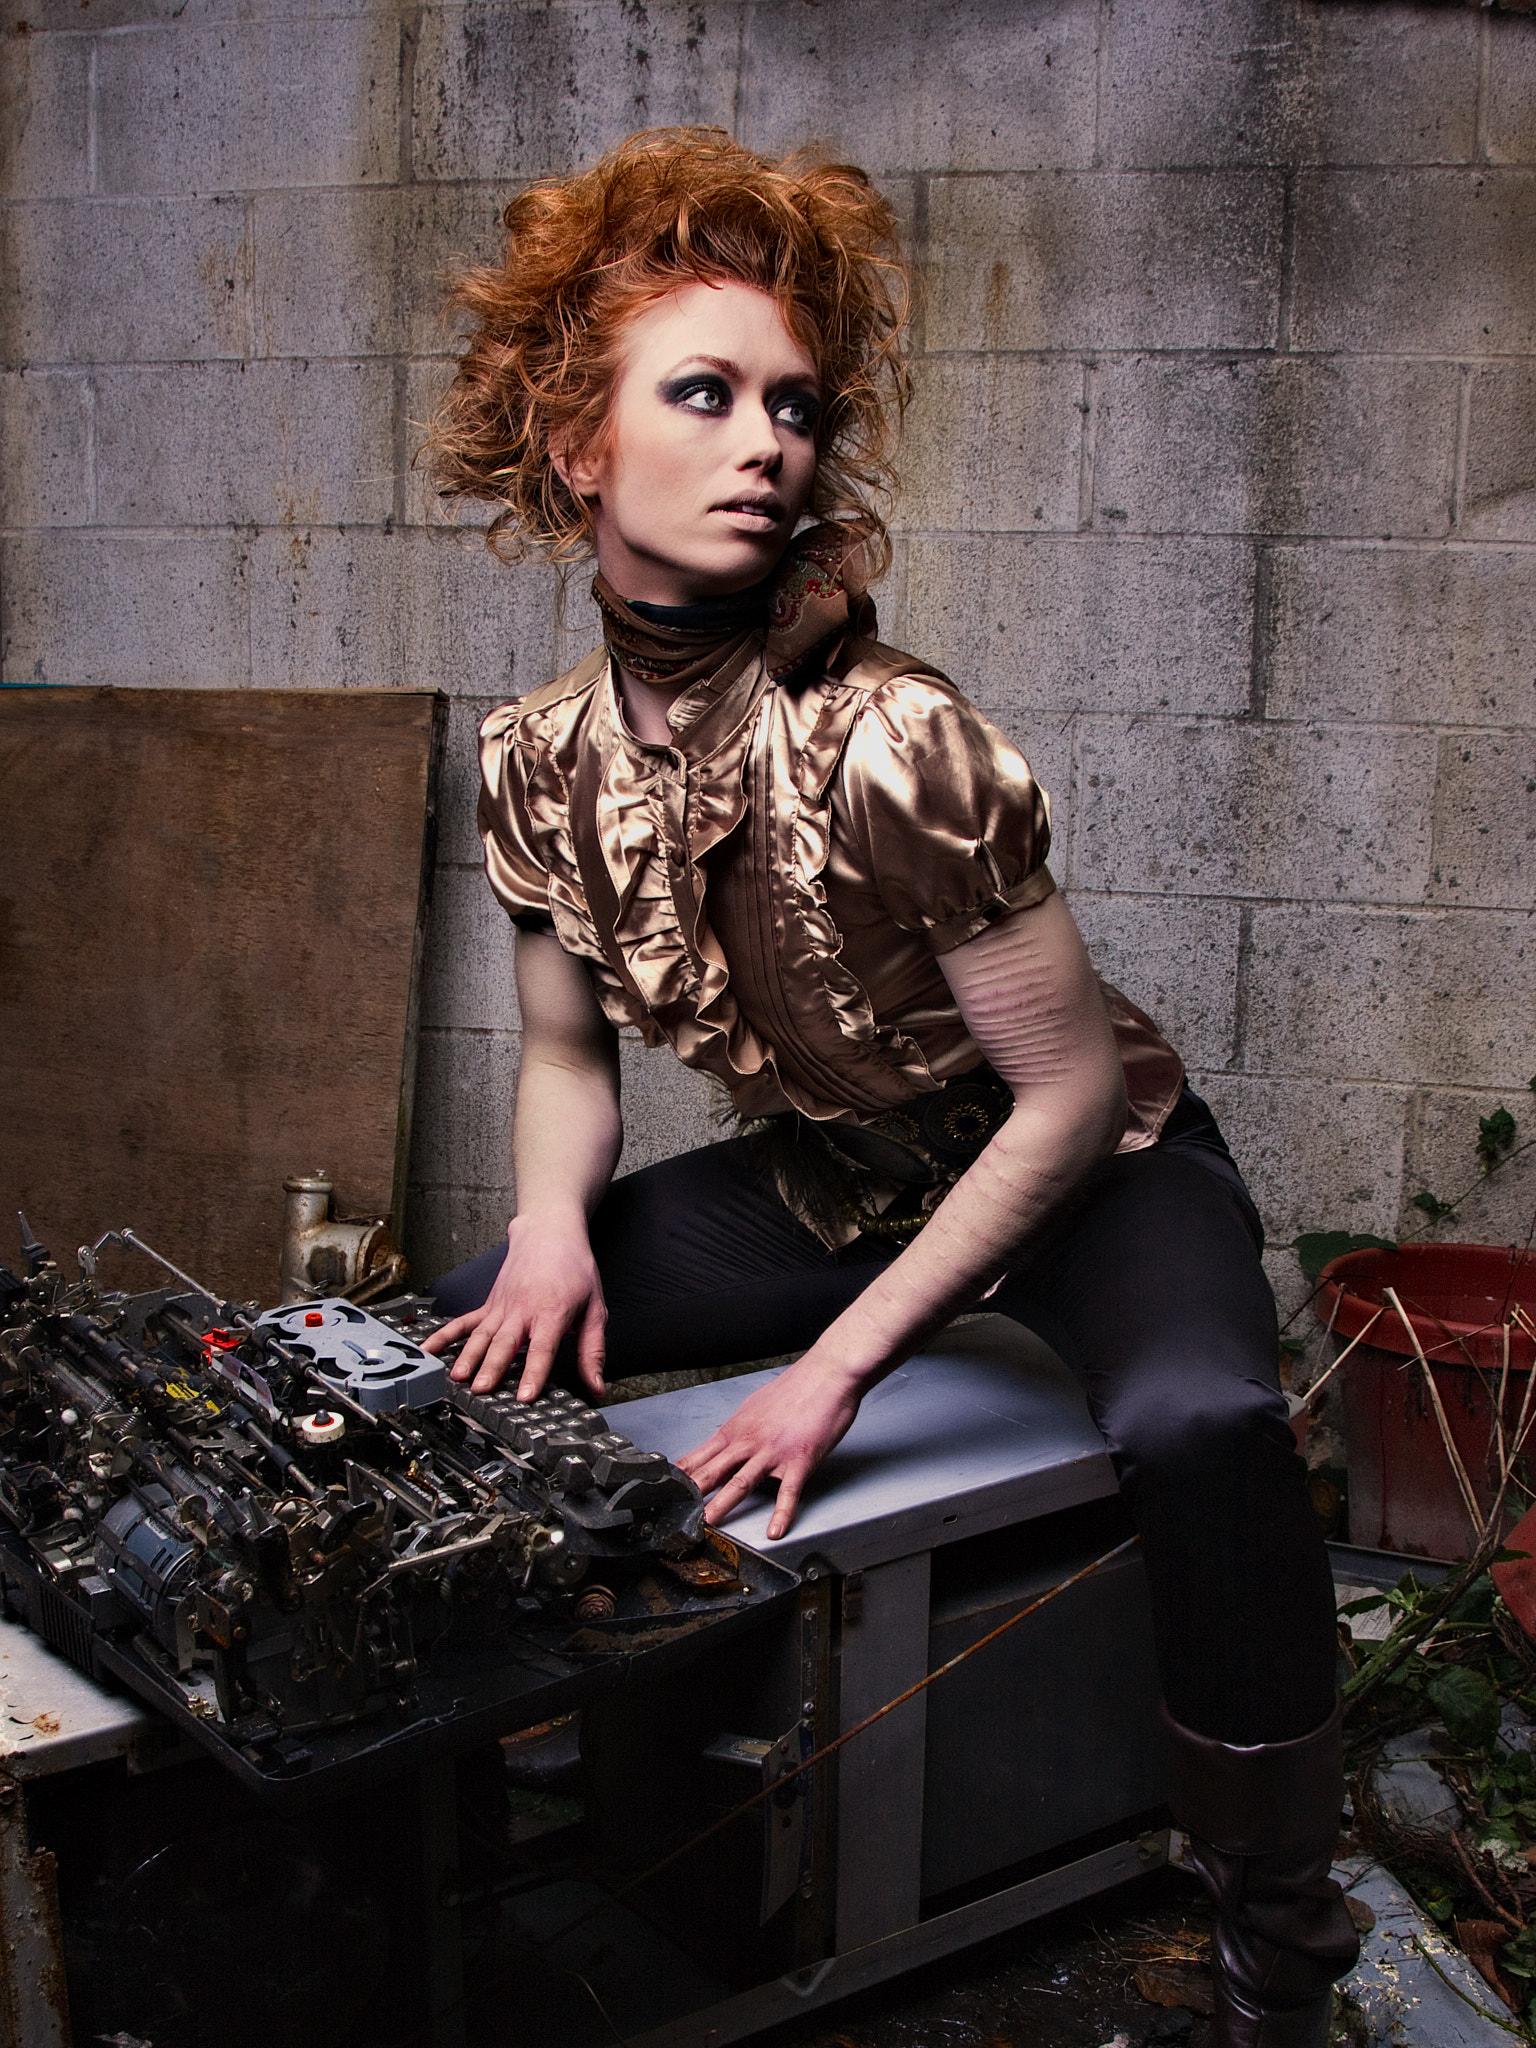 Anne w Typewriter.jpg